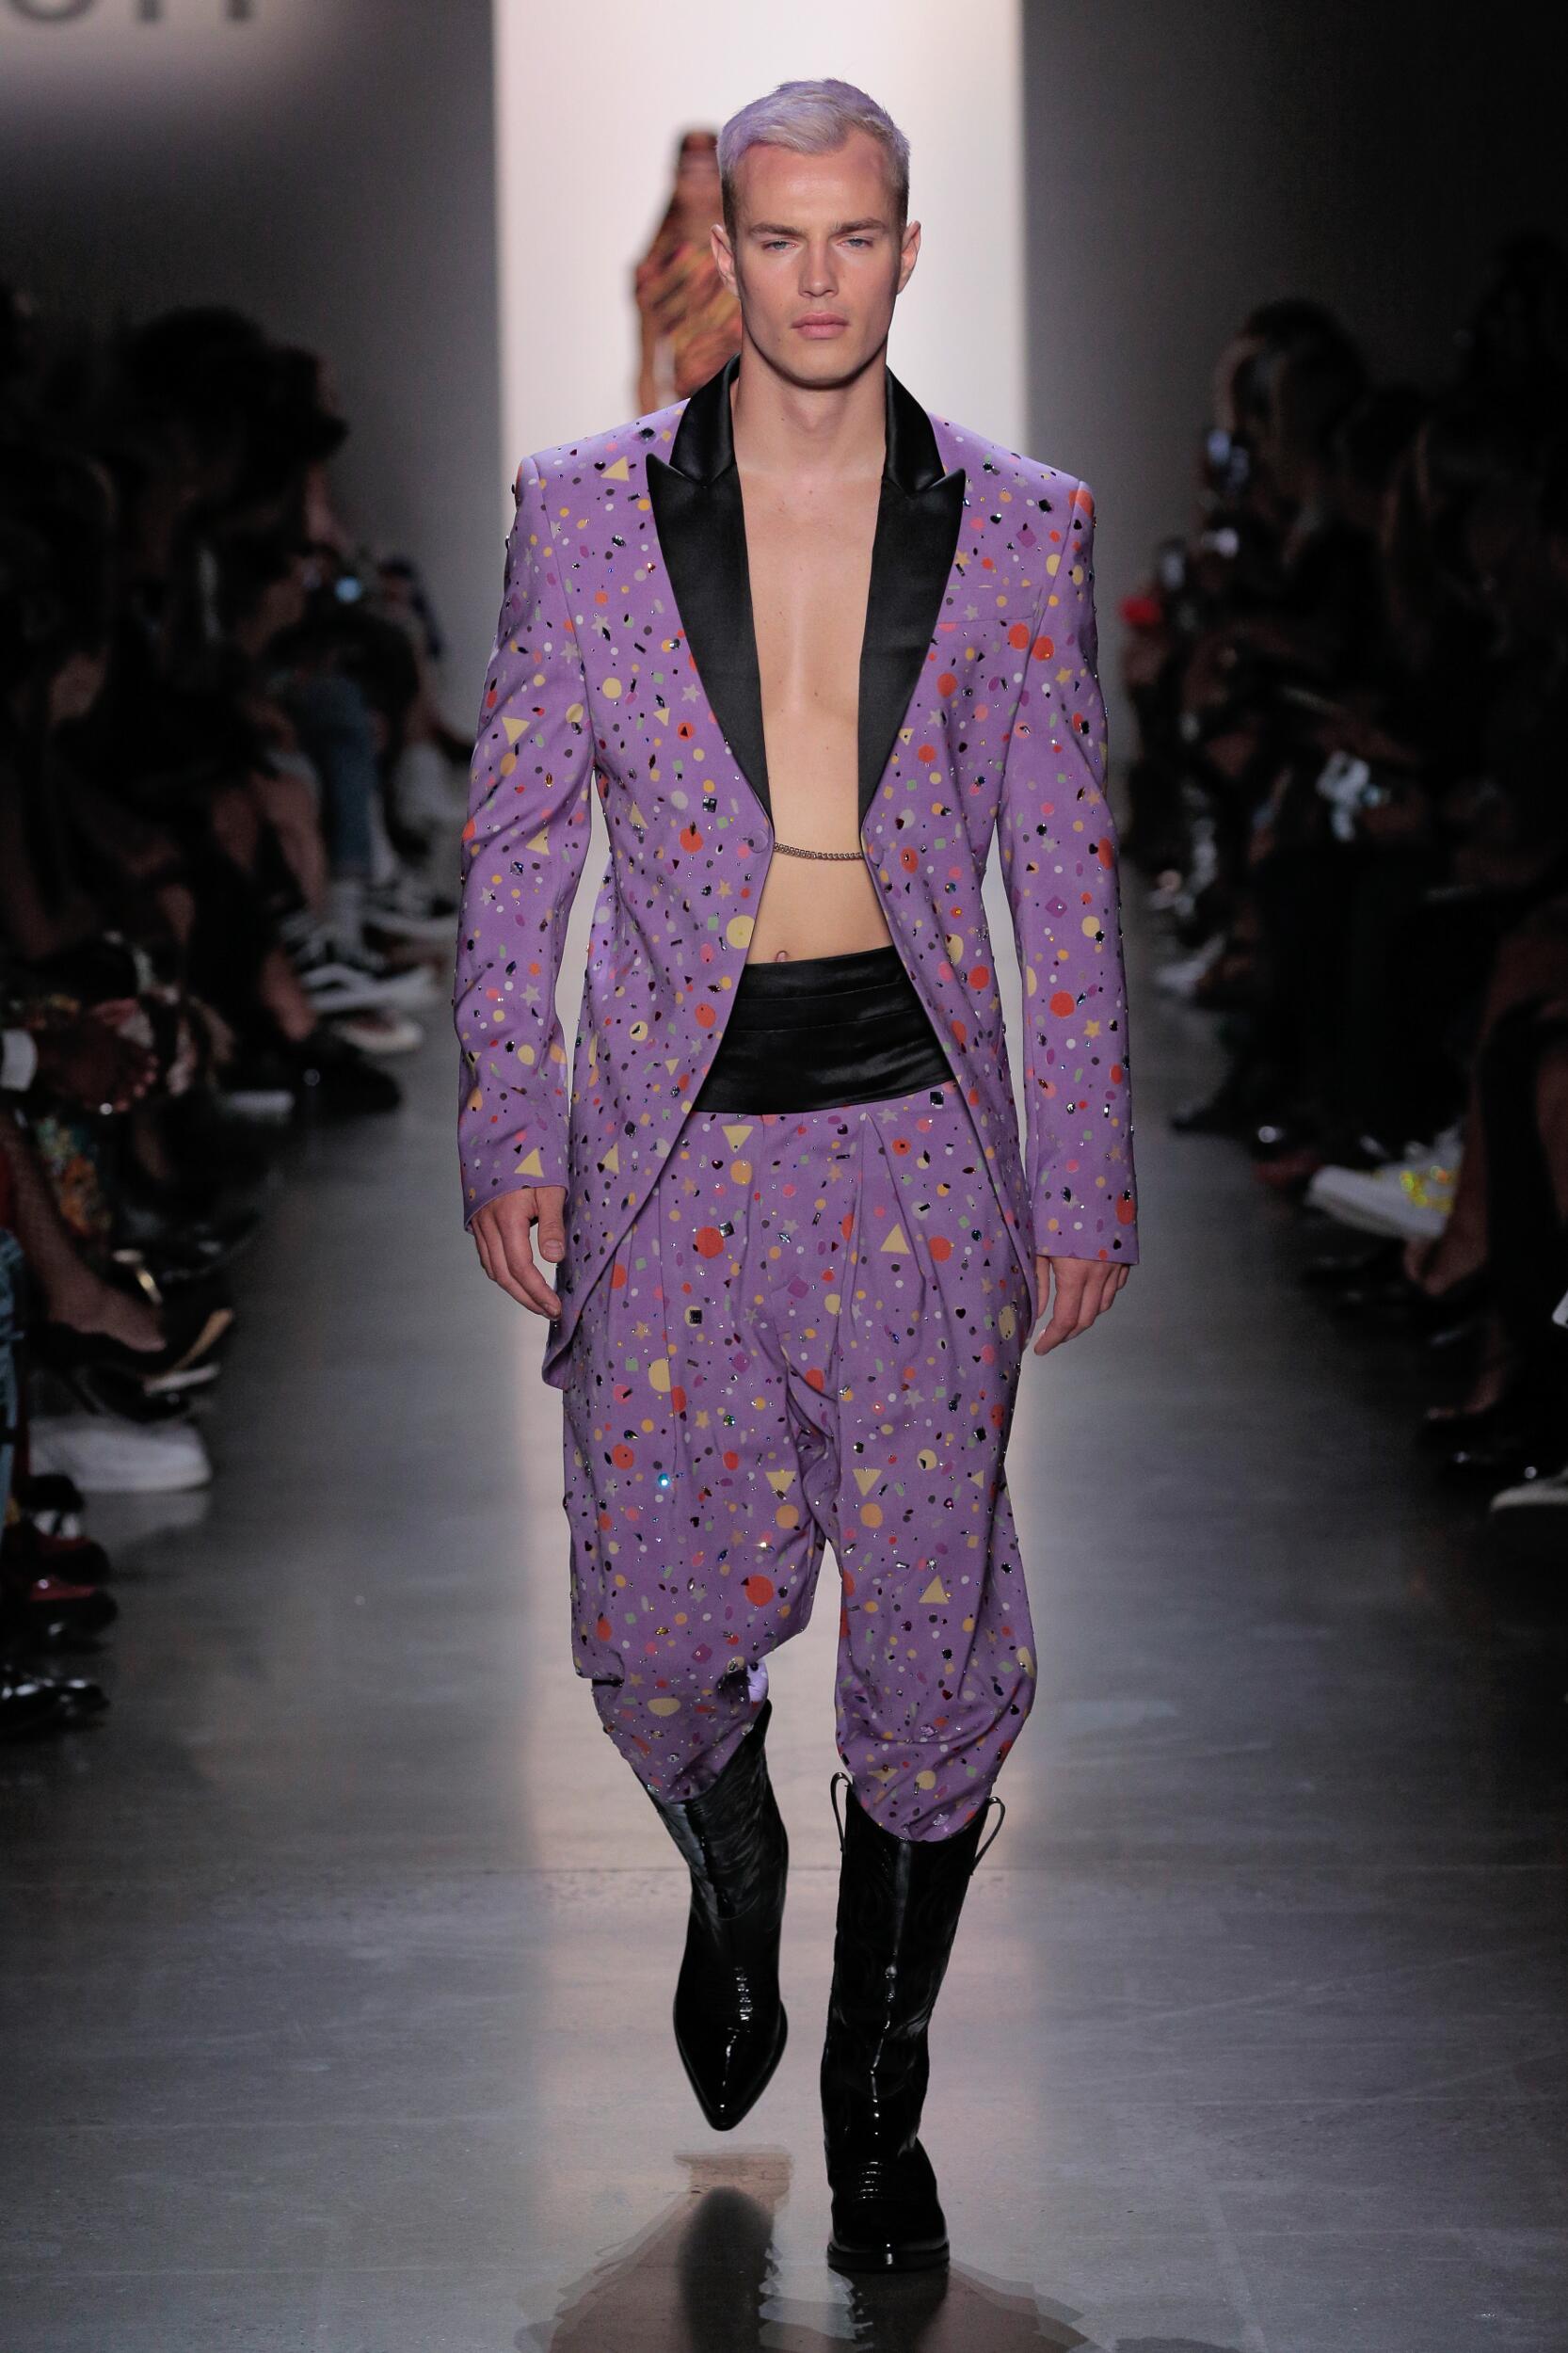 Man SS 2020 Jeremy Scott Show New York Fashion Week